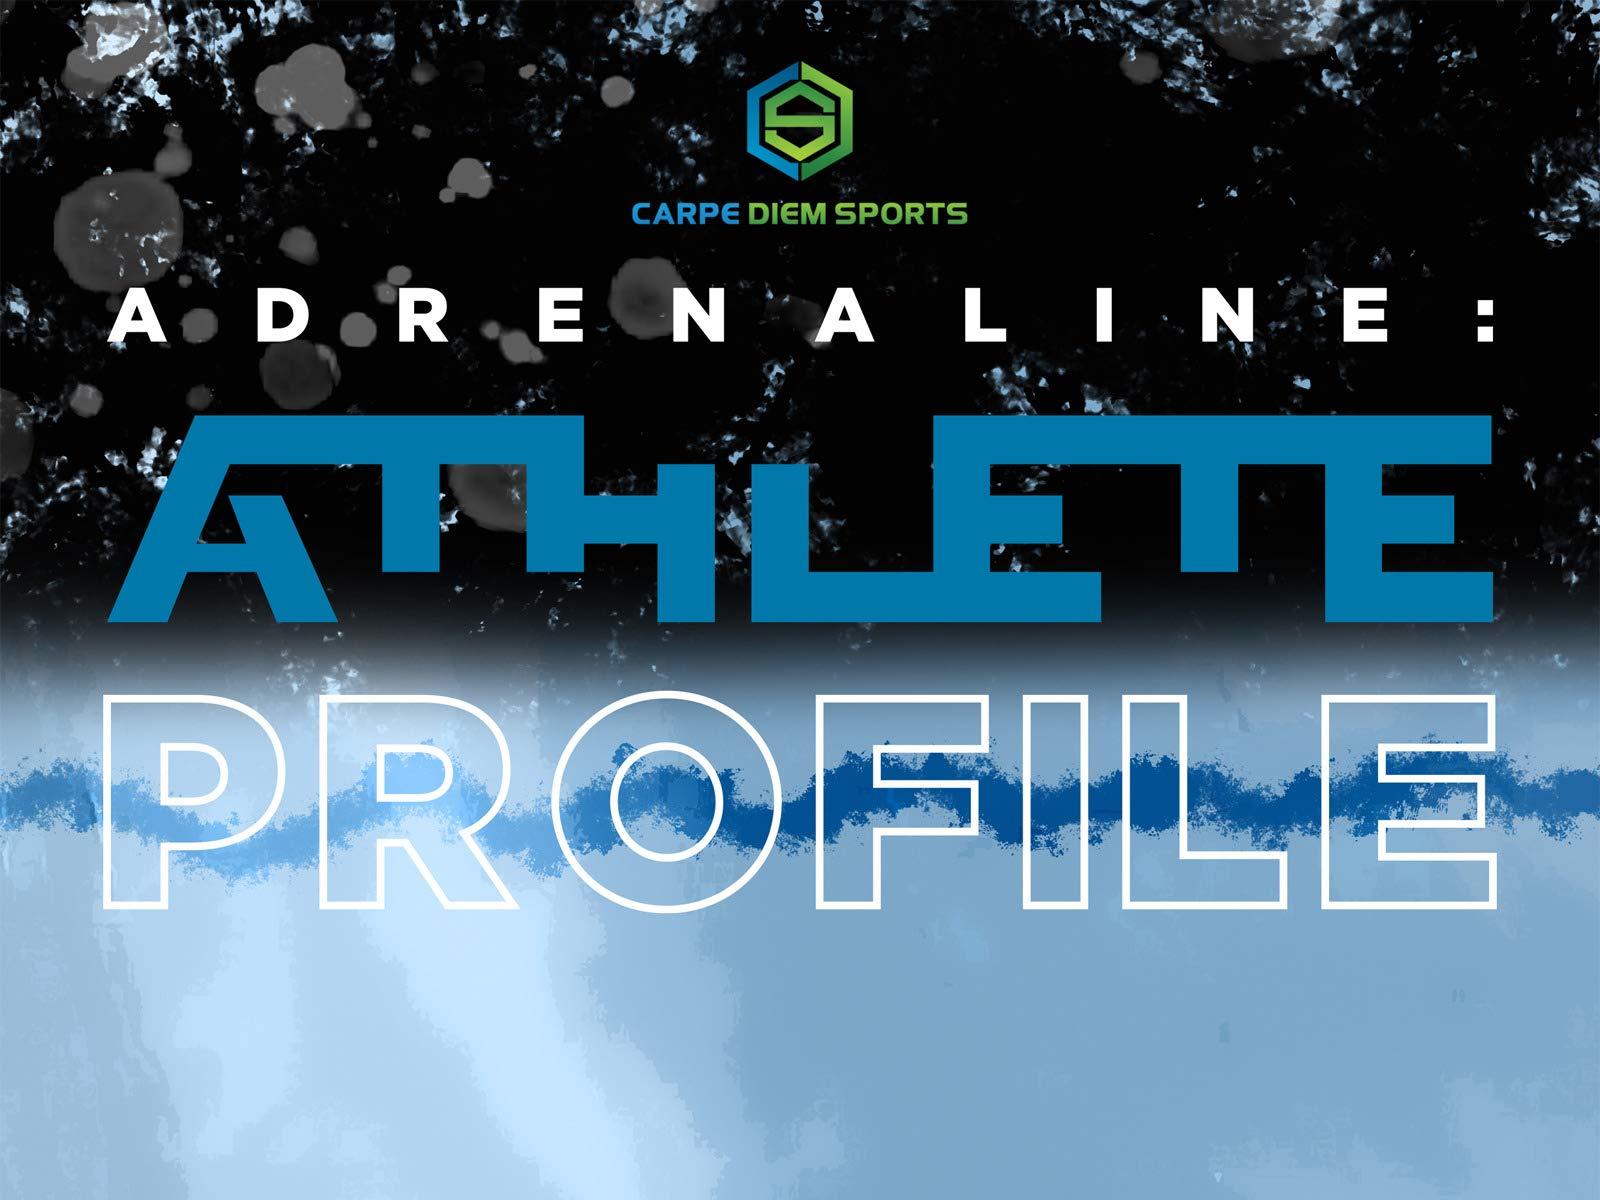 Adrenaline: Athlete Profile - Season 1